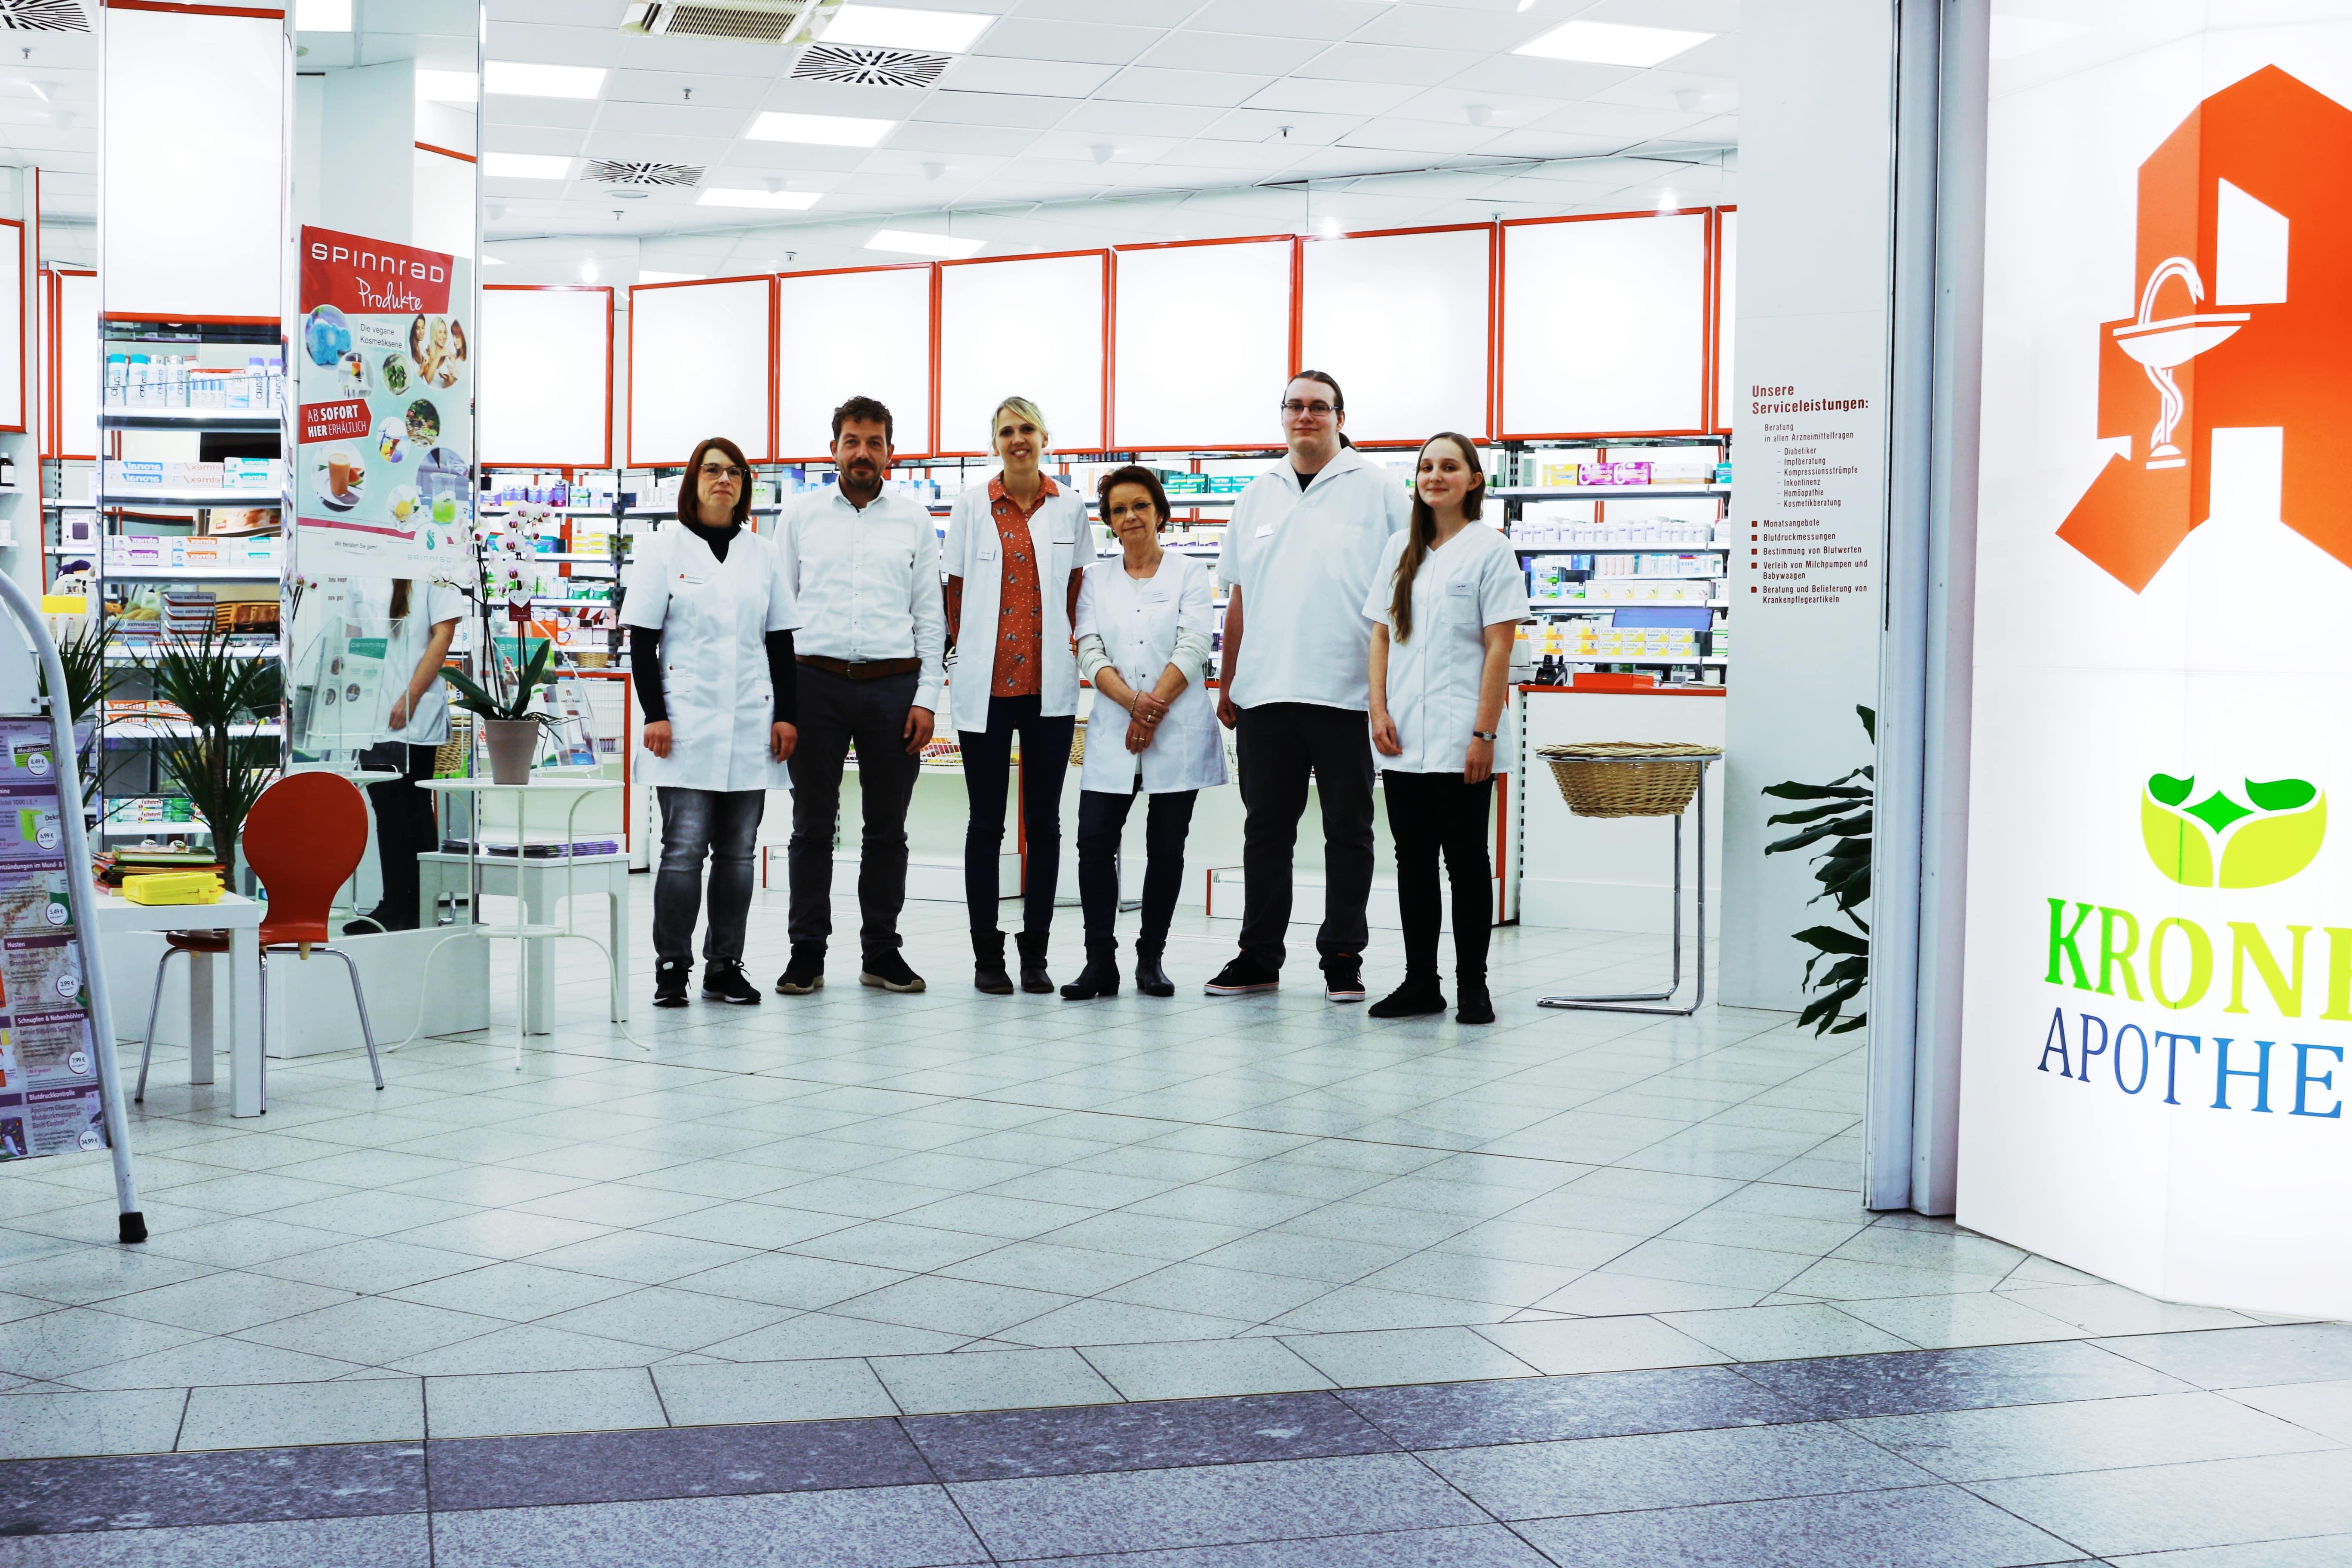 Standortprüfung: Apotheker zählt Kunden von Hand - APOTHEKE ADHOC